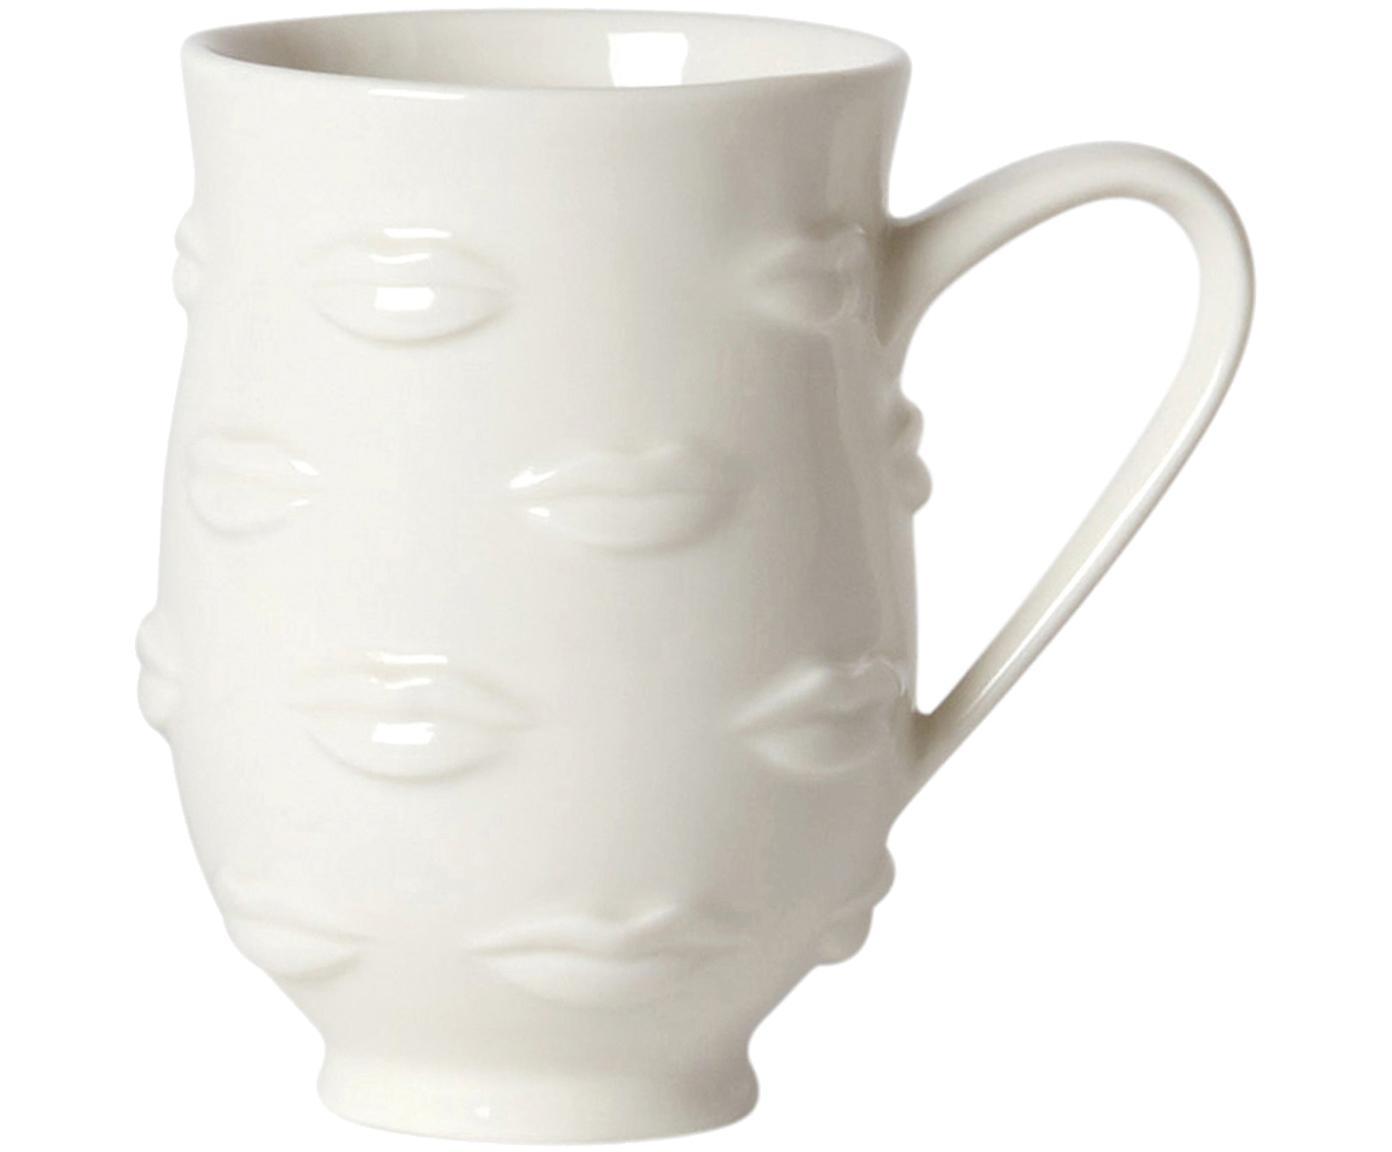 Taza de diseño Gala, Gres, Blanco, Ø 9 x Al 13 cm